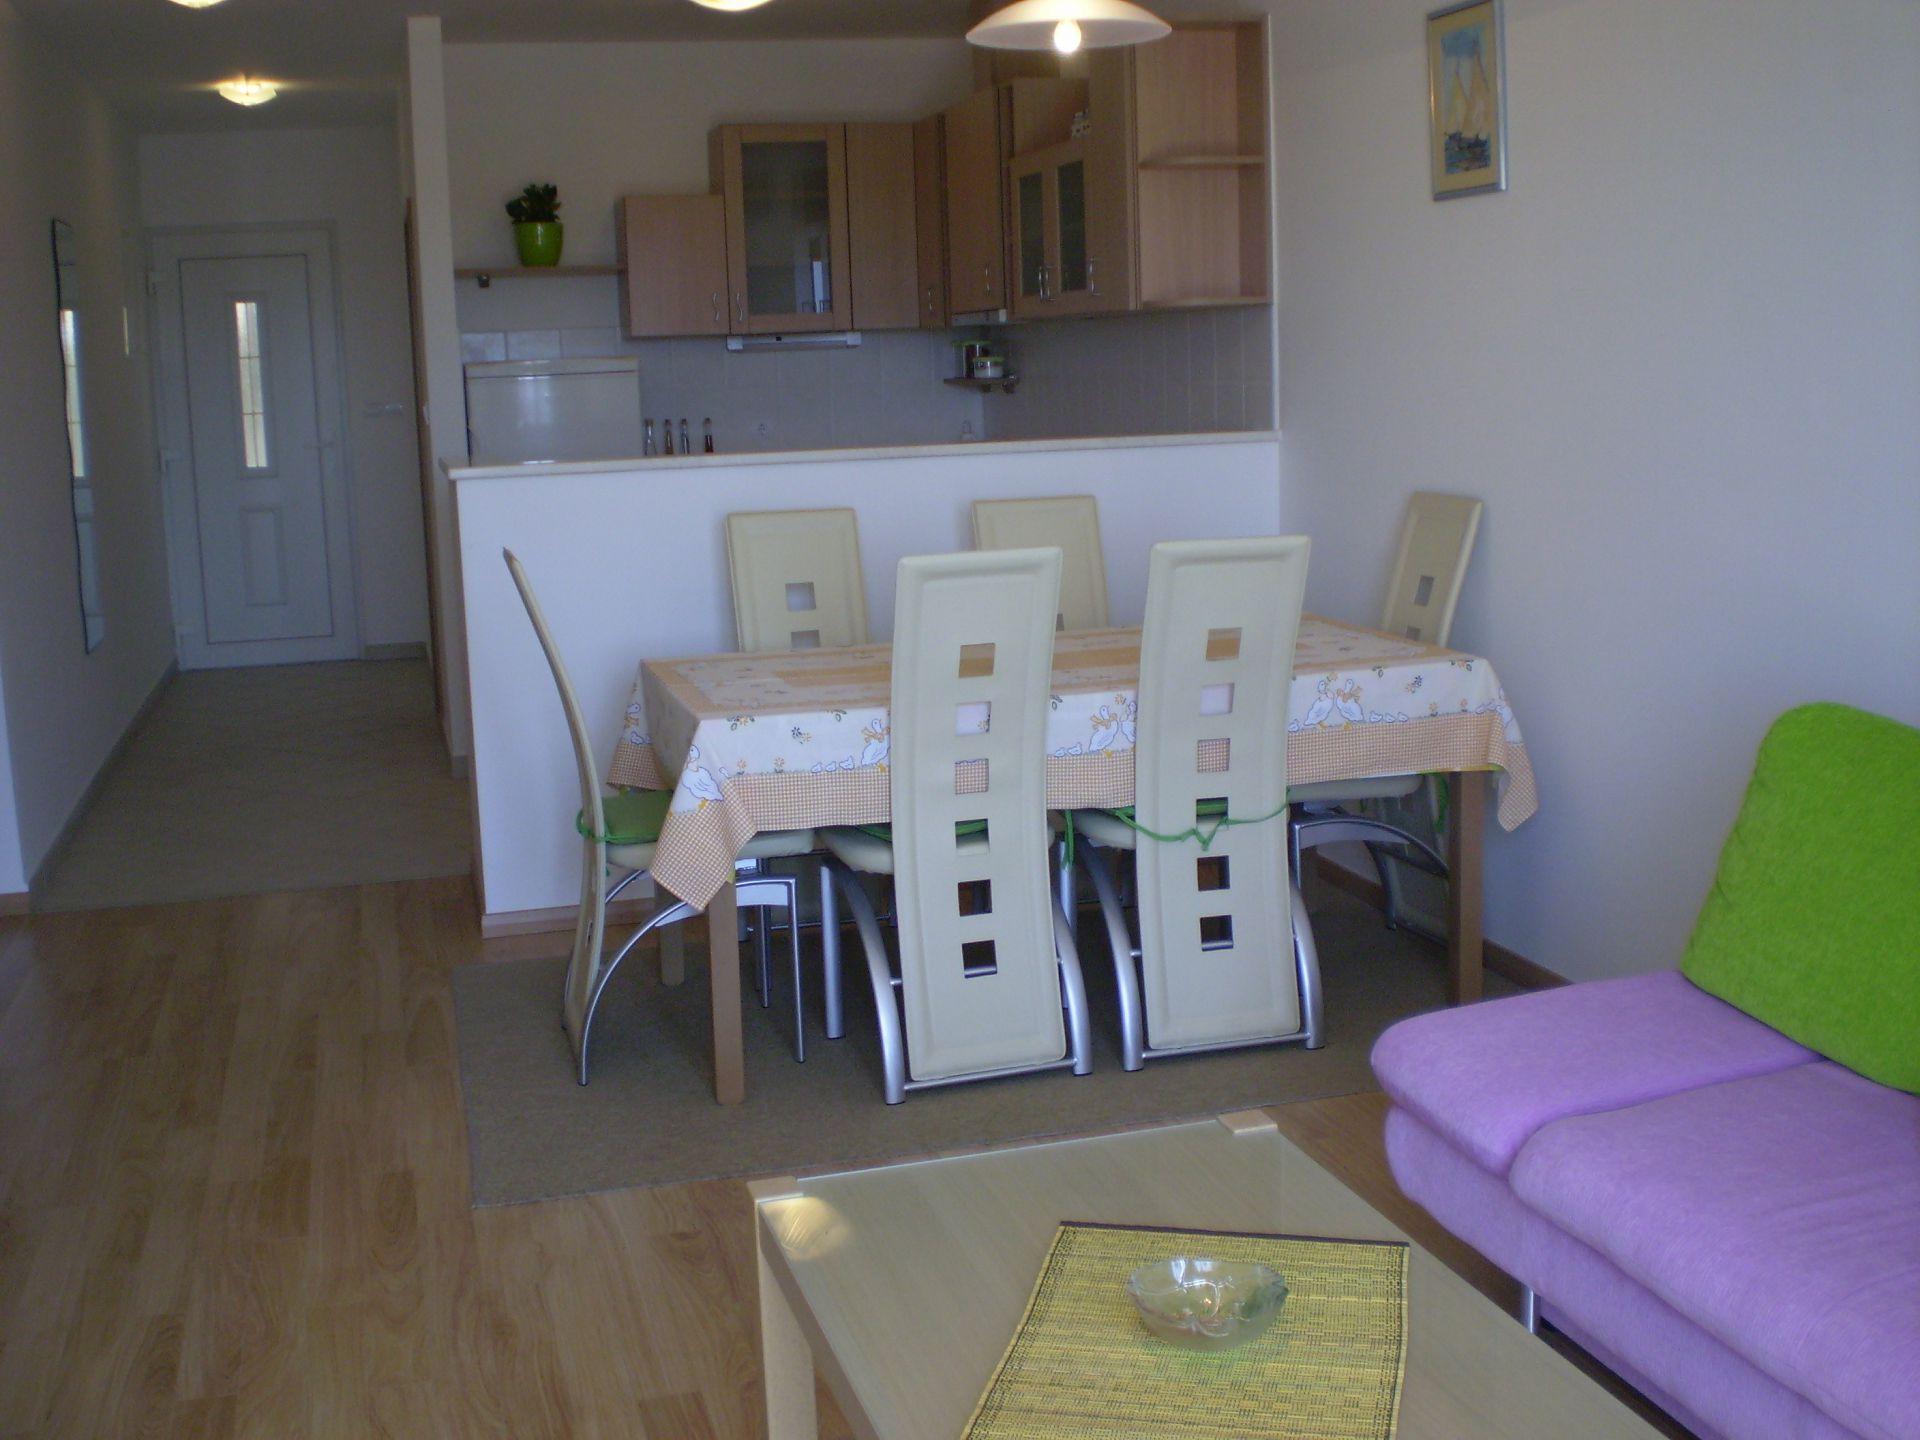 001HVAR - Hvar - Appartementen Kroatië - A1(4): eetkamer